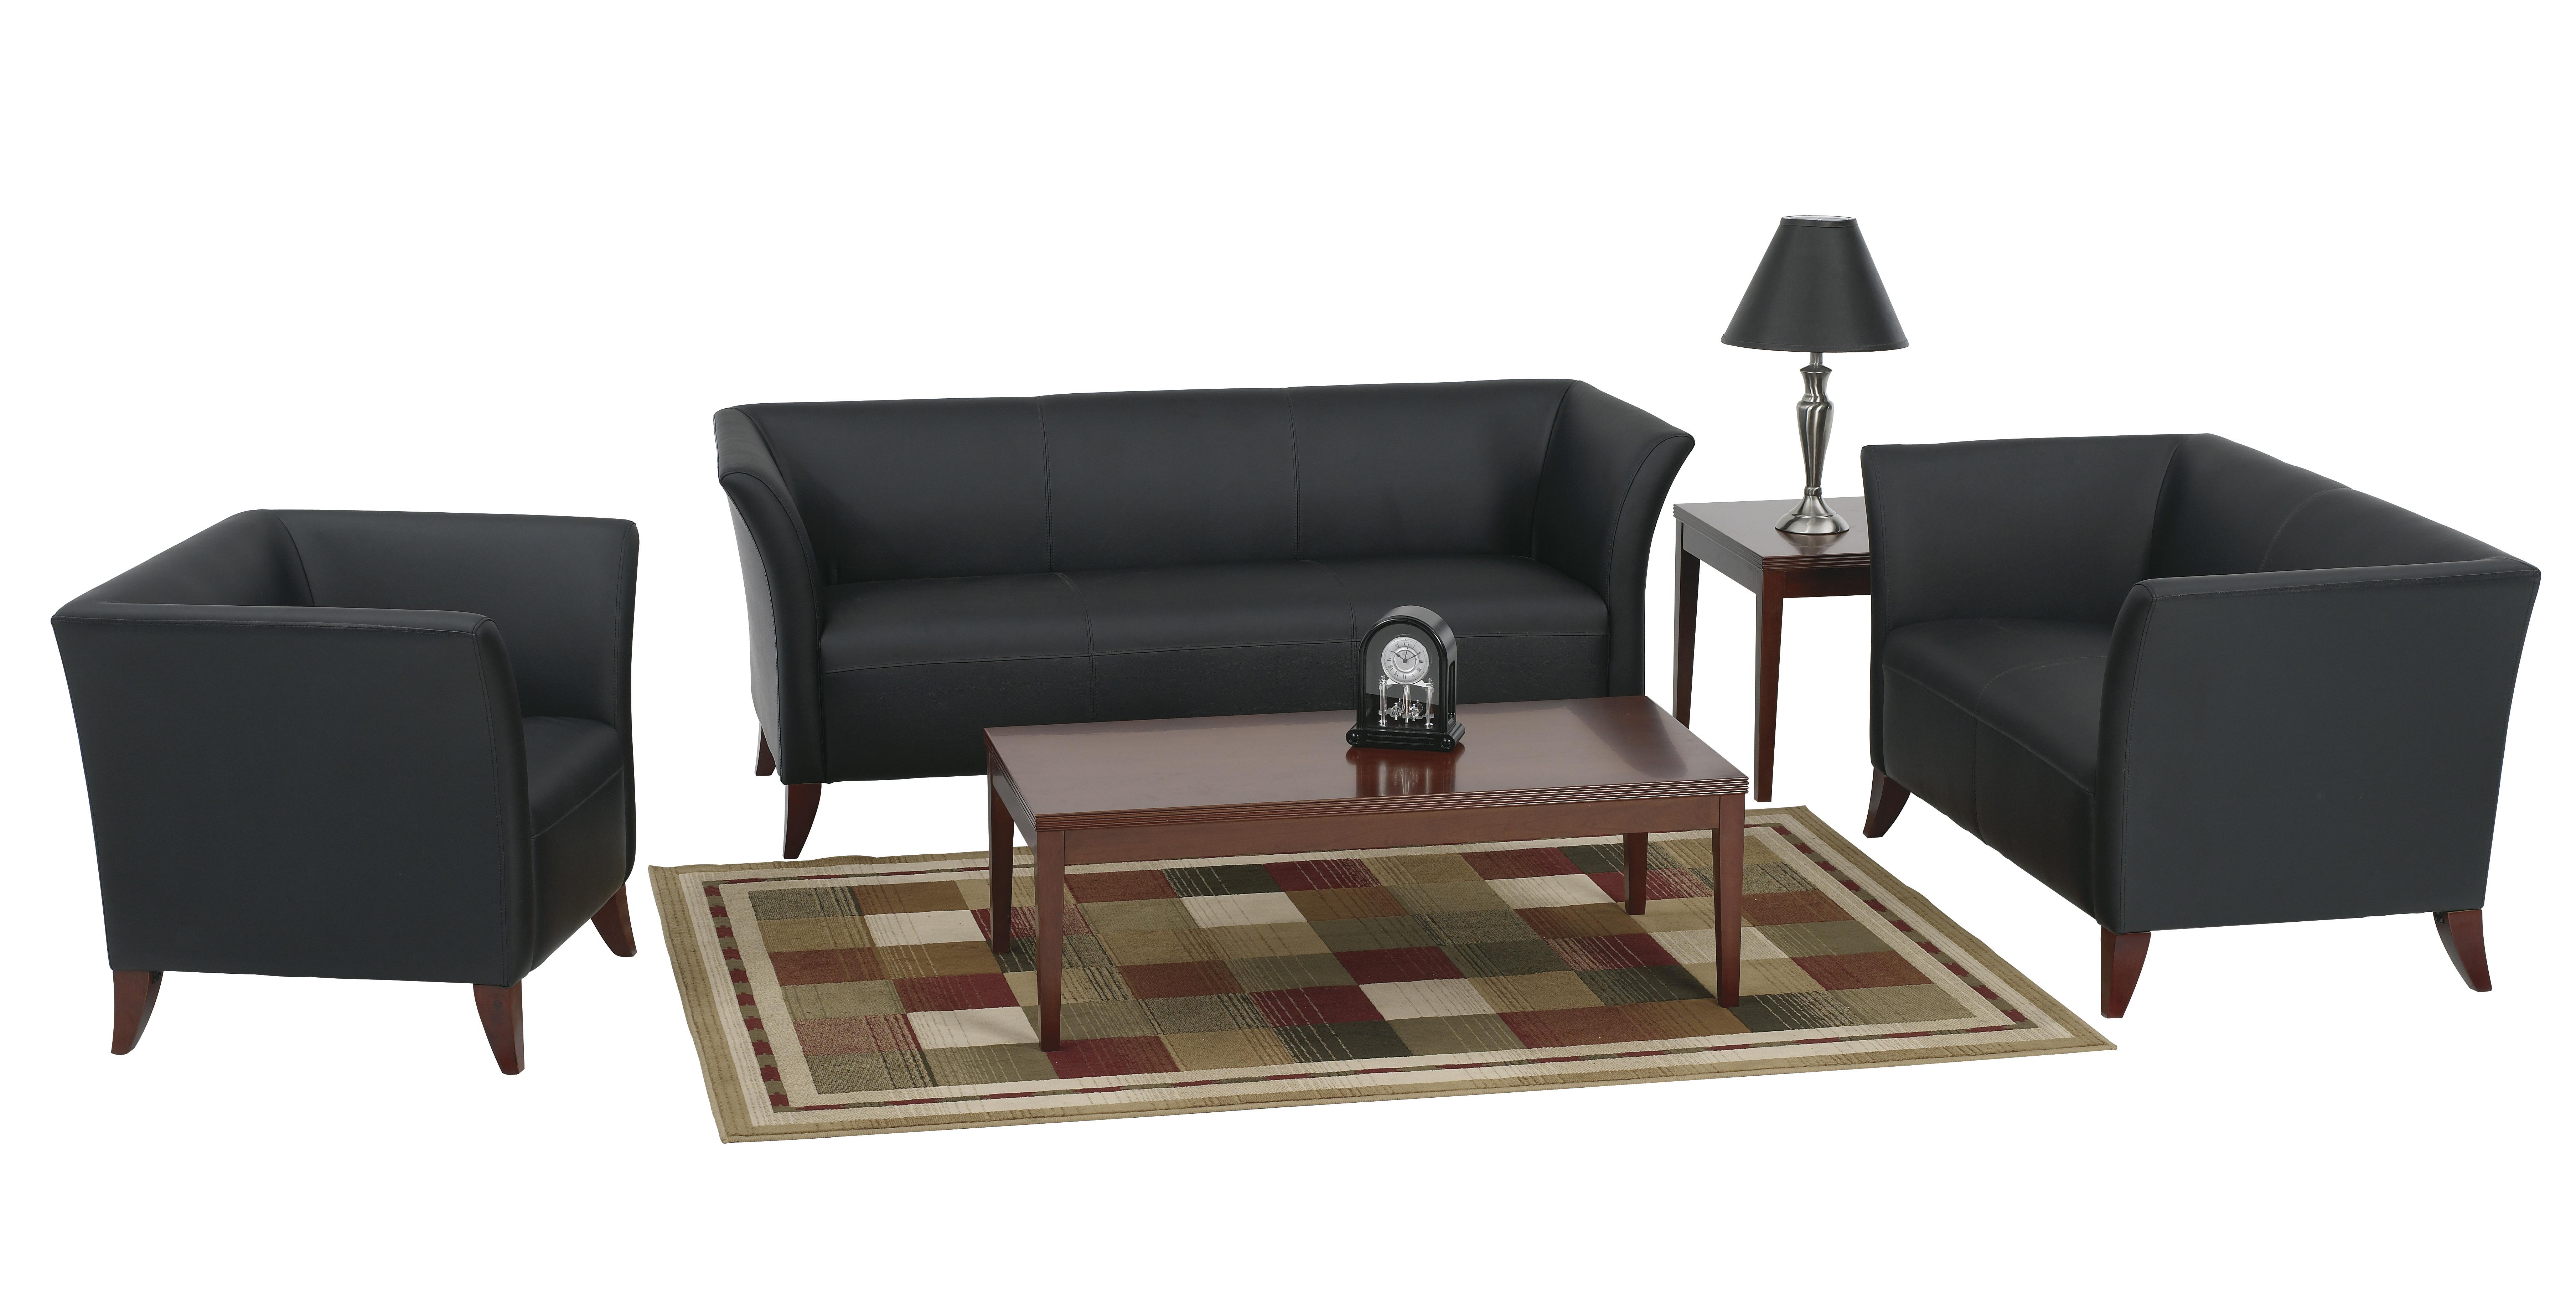 Sl 1573 group set for Trendy furniture shops